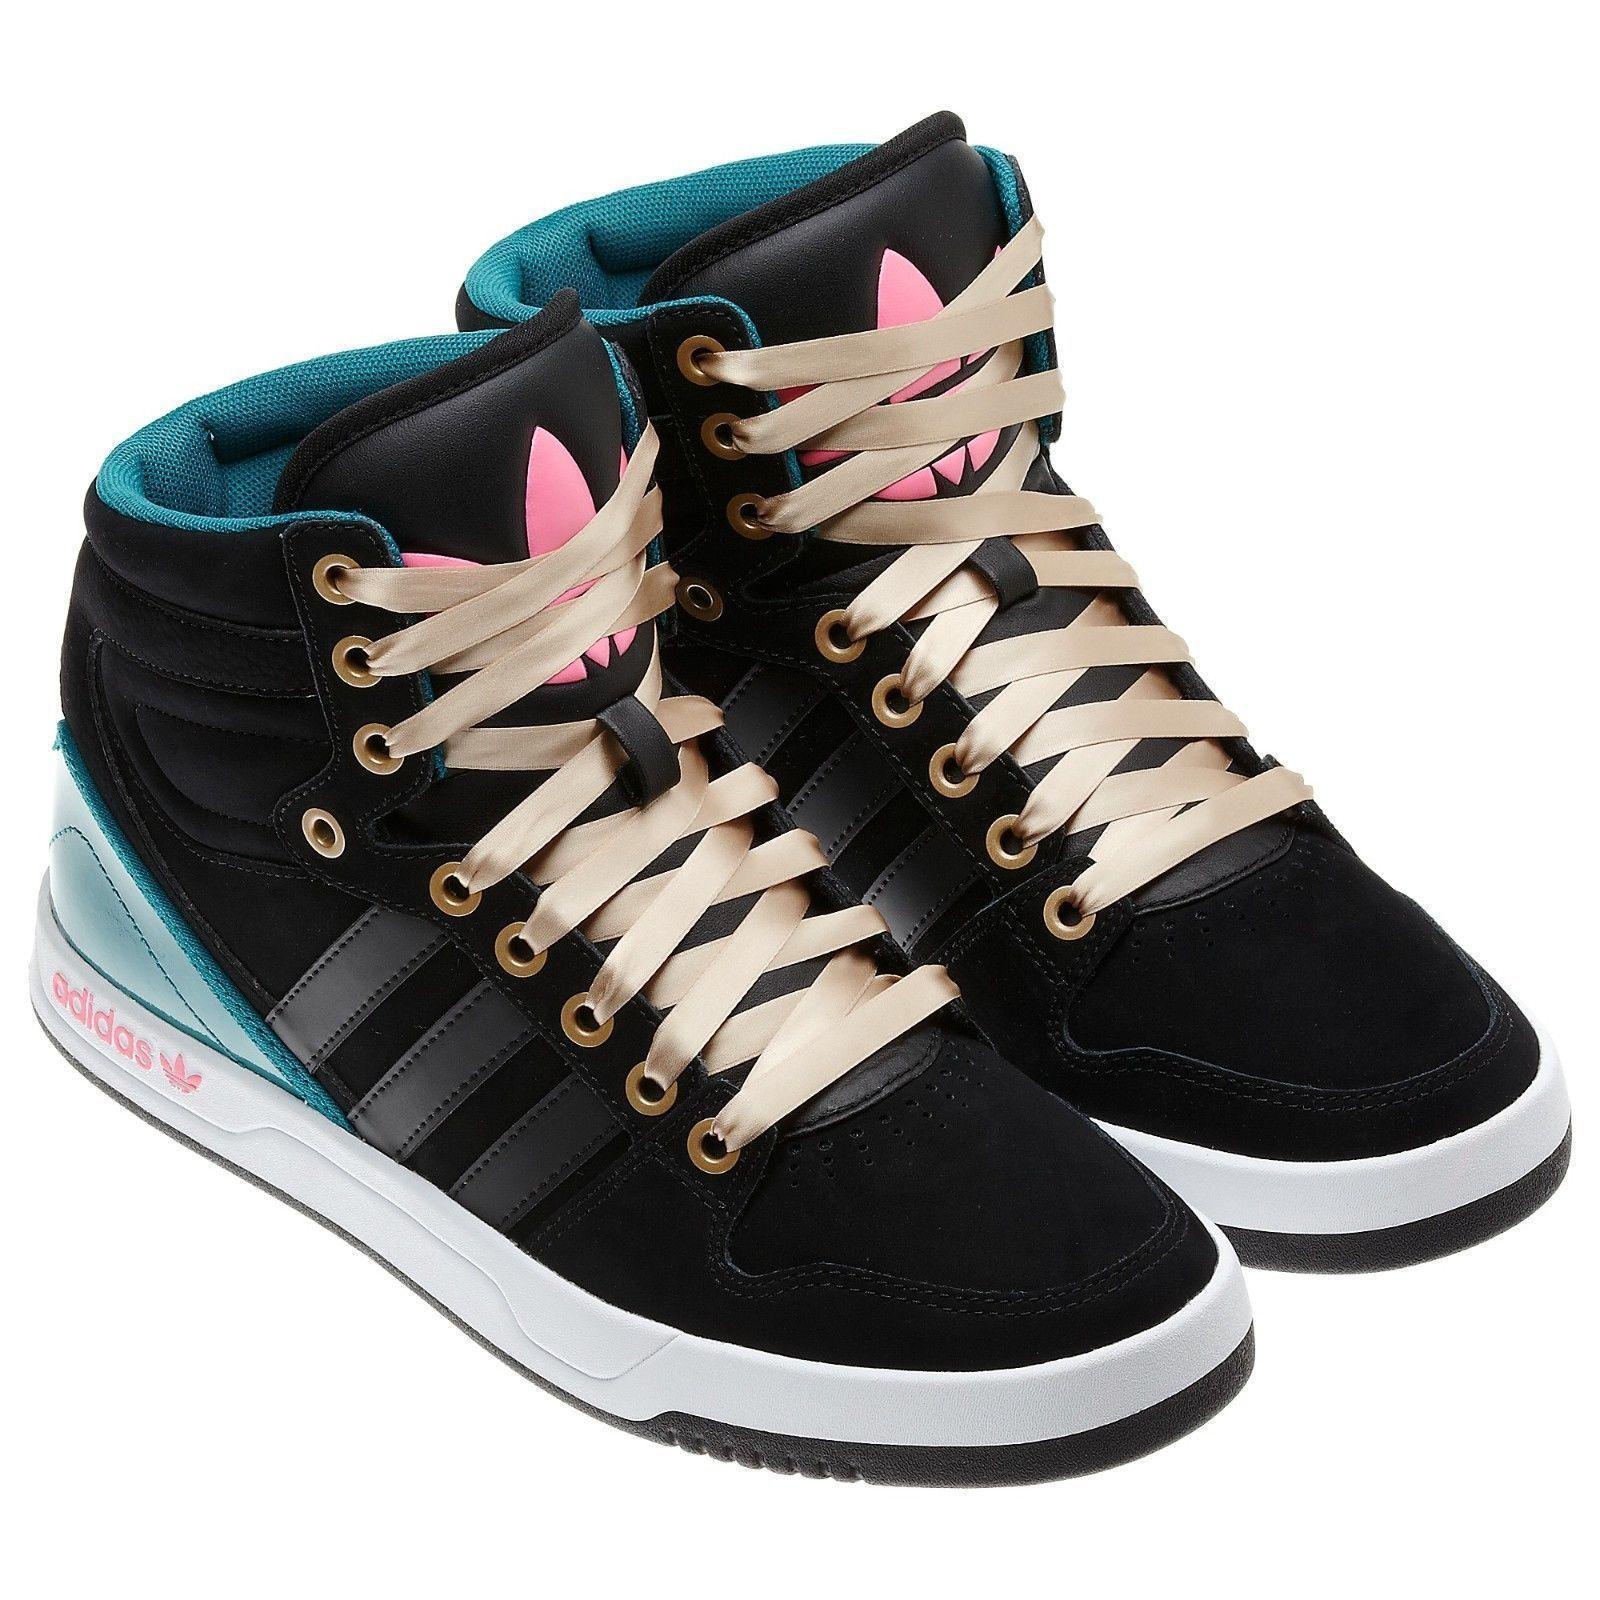 Adidas Originals Court Attitude Q32915